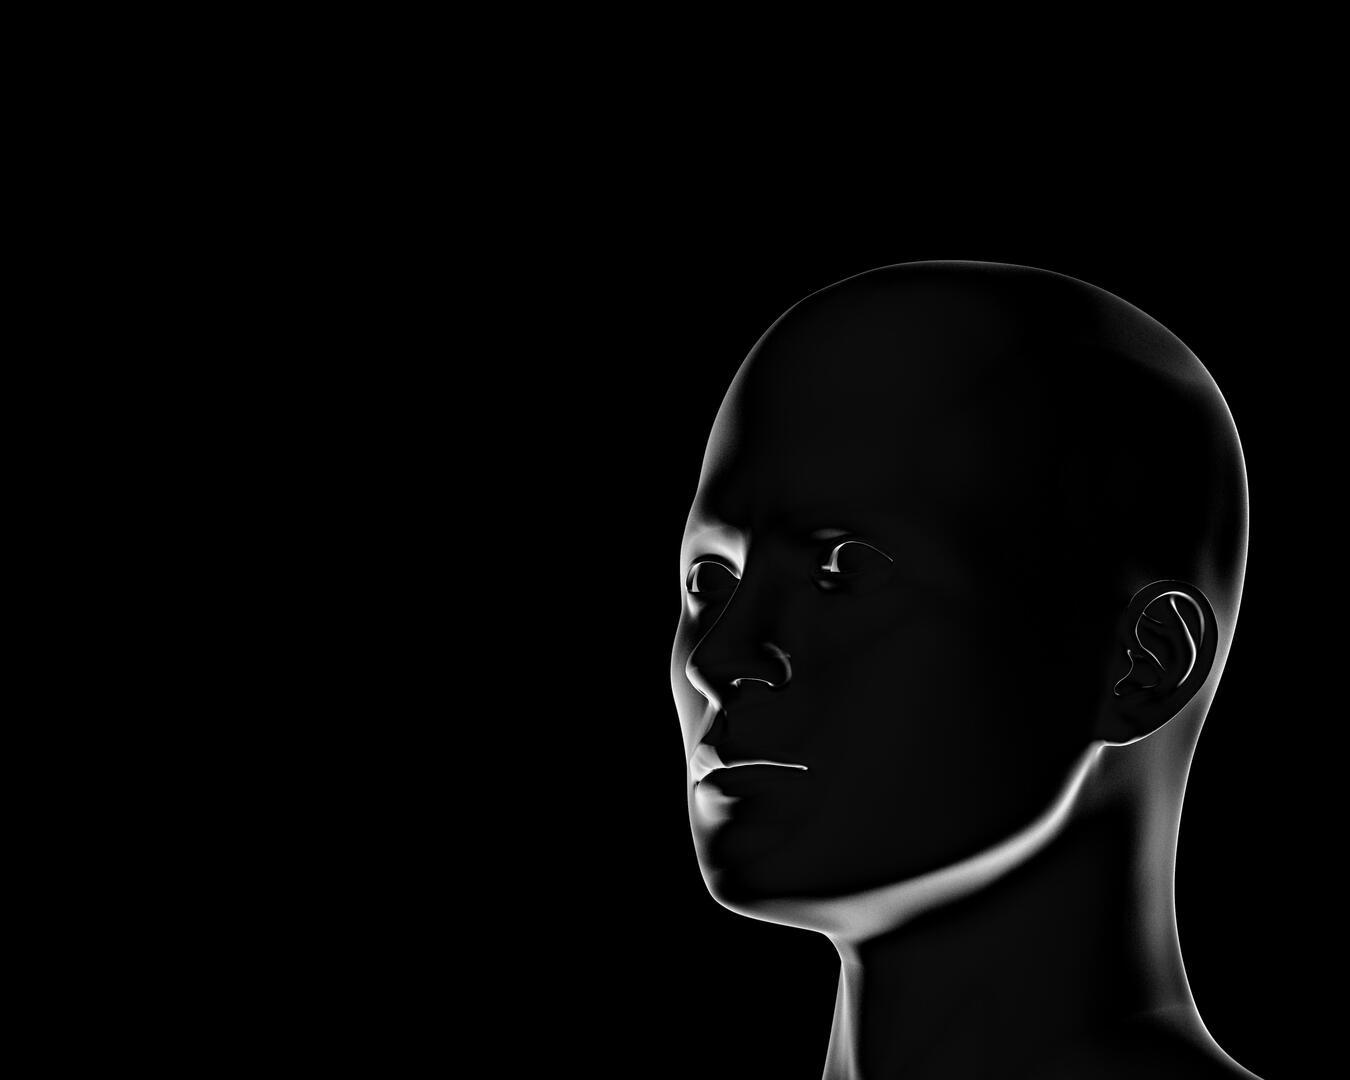 الظلام يجعل أدمغتنا تعمل بصورة مختلفة